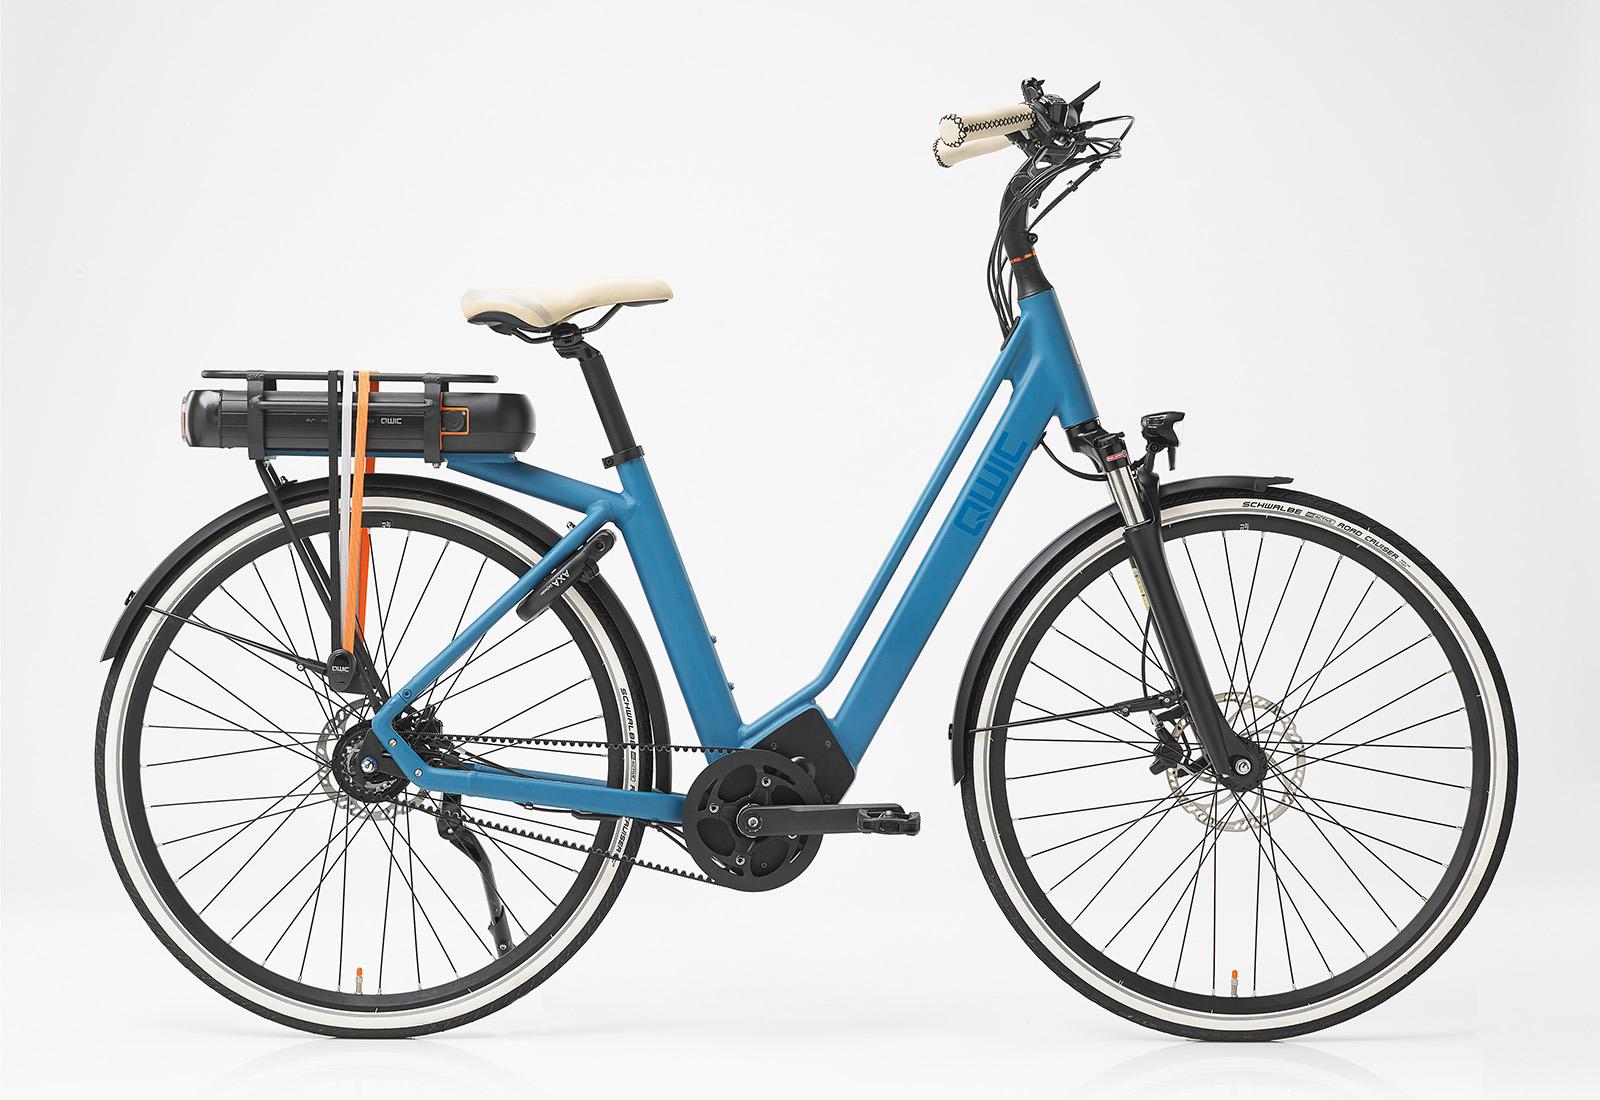 Media iets voor de fiets